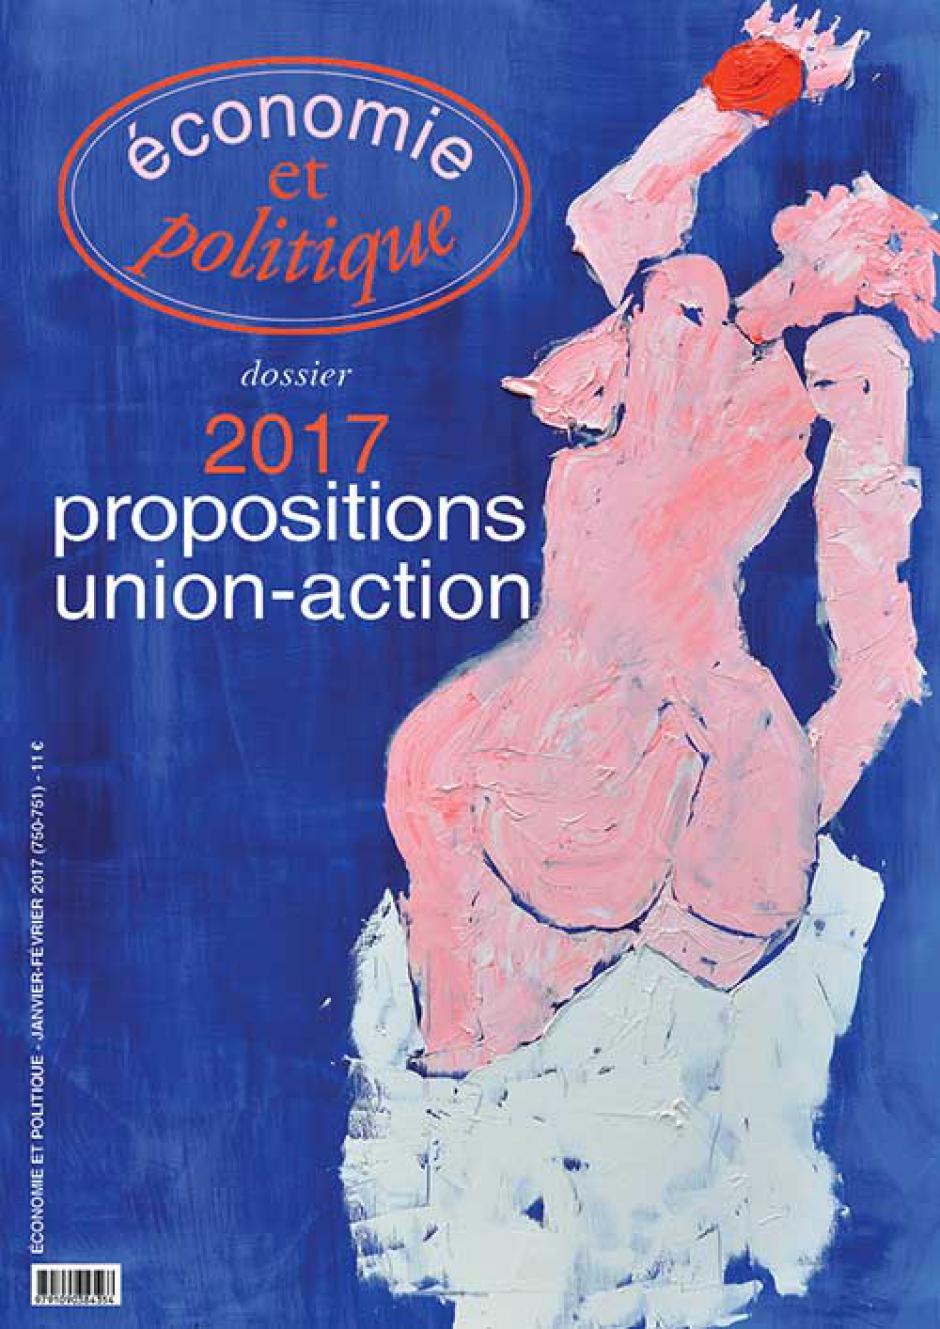 Economie et Politique n° 750-751 (Janvier-Février 2017)